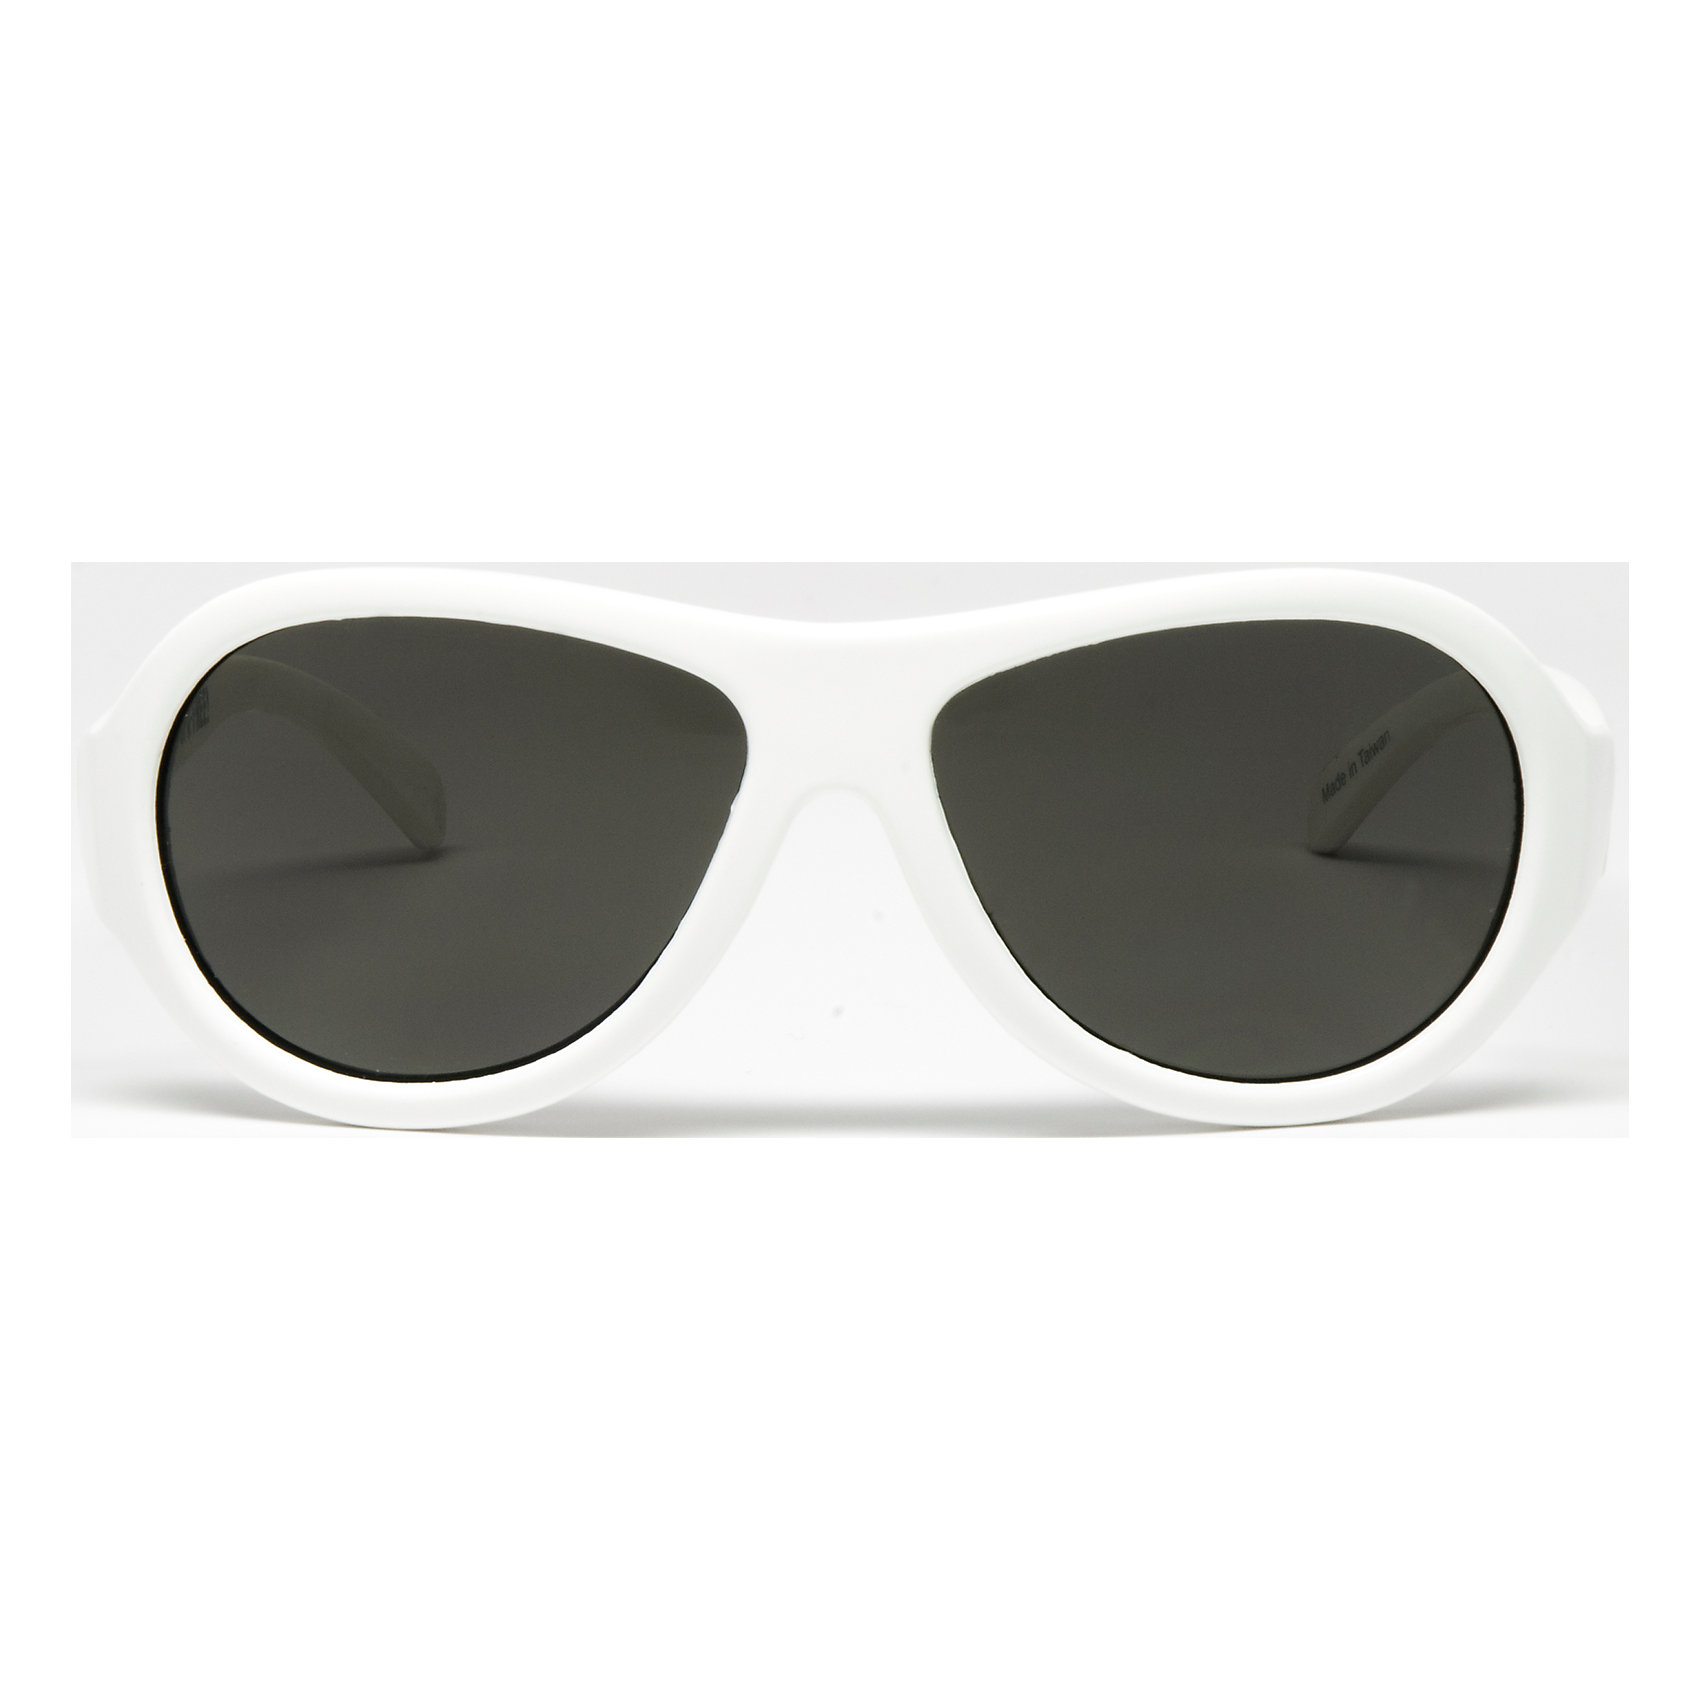 Солнцезащитные очки Babiators OriginalЗащита глаз всегда в моде.<br>Вы делаете все возможное, чтобы ваши дети были здоровы и в безопасности. Шлемы для езды на велосипеде, солнцезащитный крем для прогулок на солнце. Но как насчёт влияния солнца на глазах вашего ребёнка? Правда в том, что сетчатка глаза у детей развивается вместе с самим ребёнком. Это означает, что глаза малышей не могут отфильтровать УФ-излучение. Добавьте к этому тот факт, что дети за год получают трёхкратную дозу солнечного воздействия на взрослого человека (доклад Vision Council Report 2013, США). Проблема понятна - детям нужна настоящая защита, чтобы глазка были в безопасности, а зрение сильным.<br>Каждая пара солнцезащитных очков Babiators для детей обеспечивает 100% защиту от UVA и UVB. Прочные линзы высшего качества не подведут в самых сложных переделках. Будьте уверены, что очки Babiators созданы безопасными, прочными и классными, так что вы и ваш маленький лётчик можете приступать к своим приключениям!<br><br>• Прочная, гибкая прорезиненная оправа;<br>• 100 % защита от UVA и UVB солнечных лучей;<br>• Ударопрочные линзы;<br>• Стильные: выбор многих голливудских звёзд.<br><br>Ширина мм: 170<br>Глубина мм: 157<br>Высота мм: 67<br>Вес г: 117<br>Возраст от месяцев: 36<br>Возраст до месяцев: 84<br>Пол: Унисекс<br>Возраст: Детский<br>SKU: 4766972